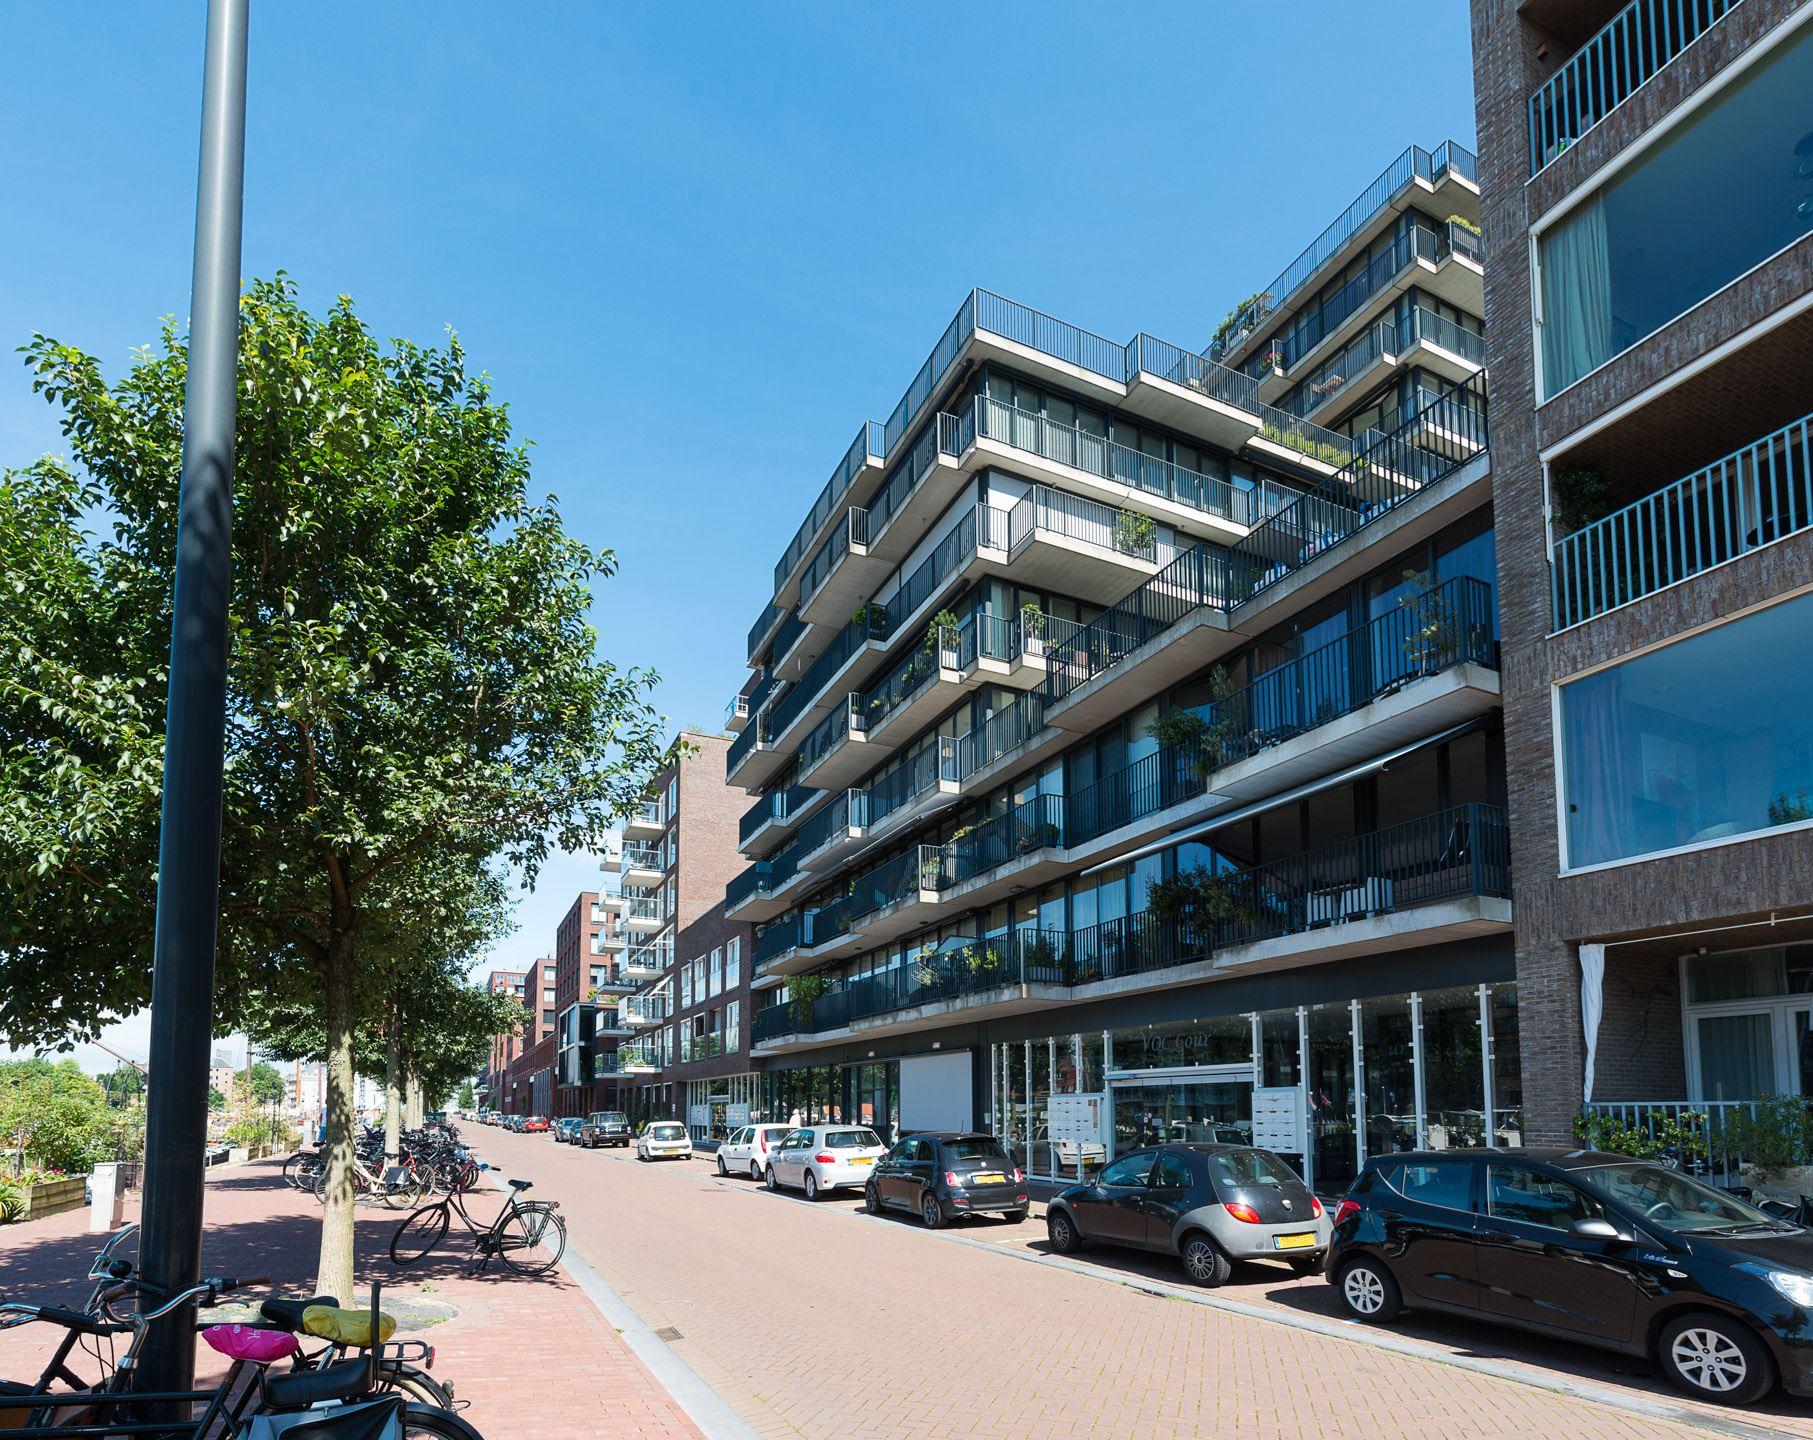 Appartement te koop: westerdok 520 1013 bh amsterdam [funda]